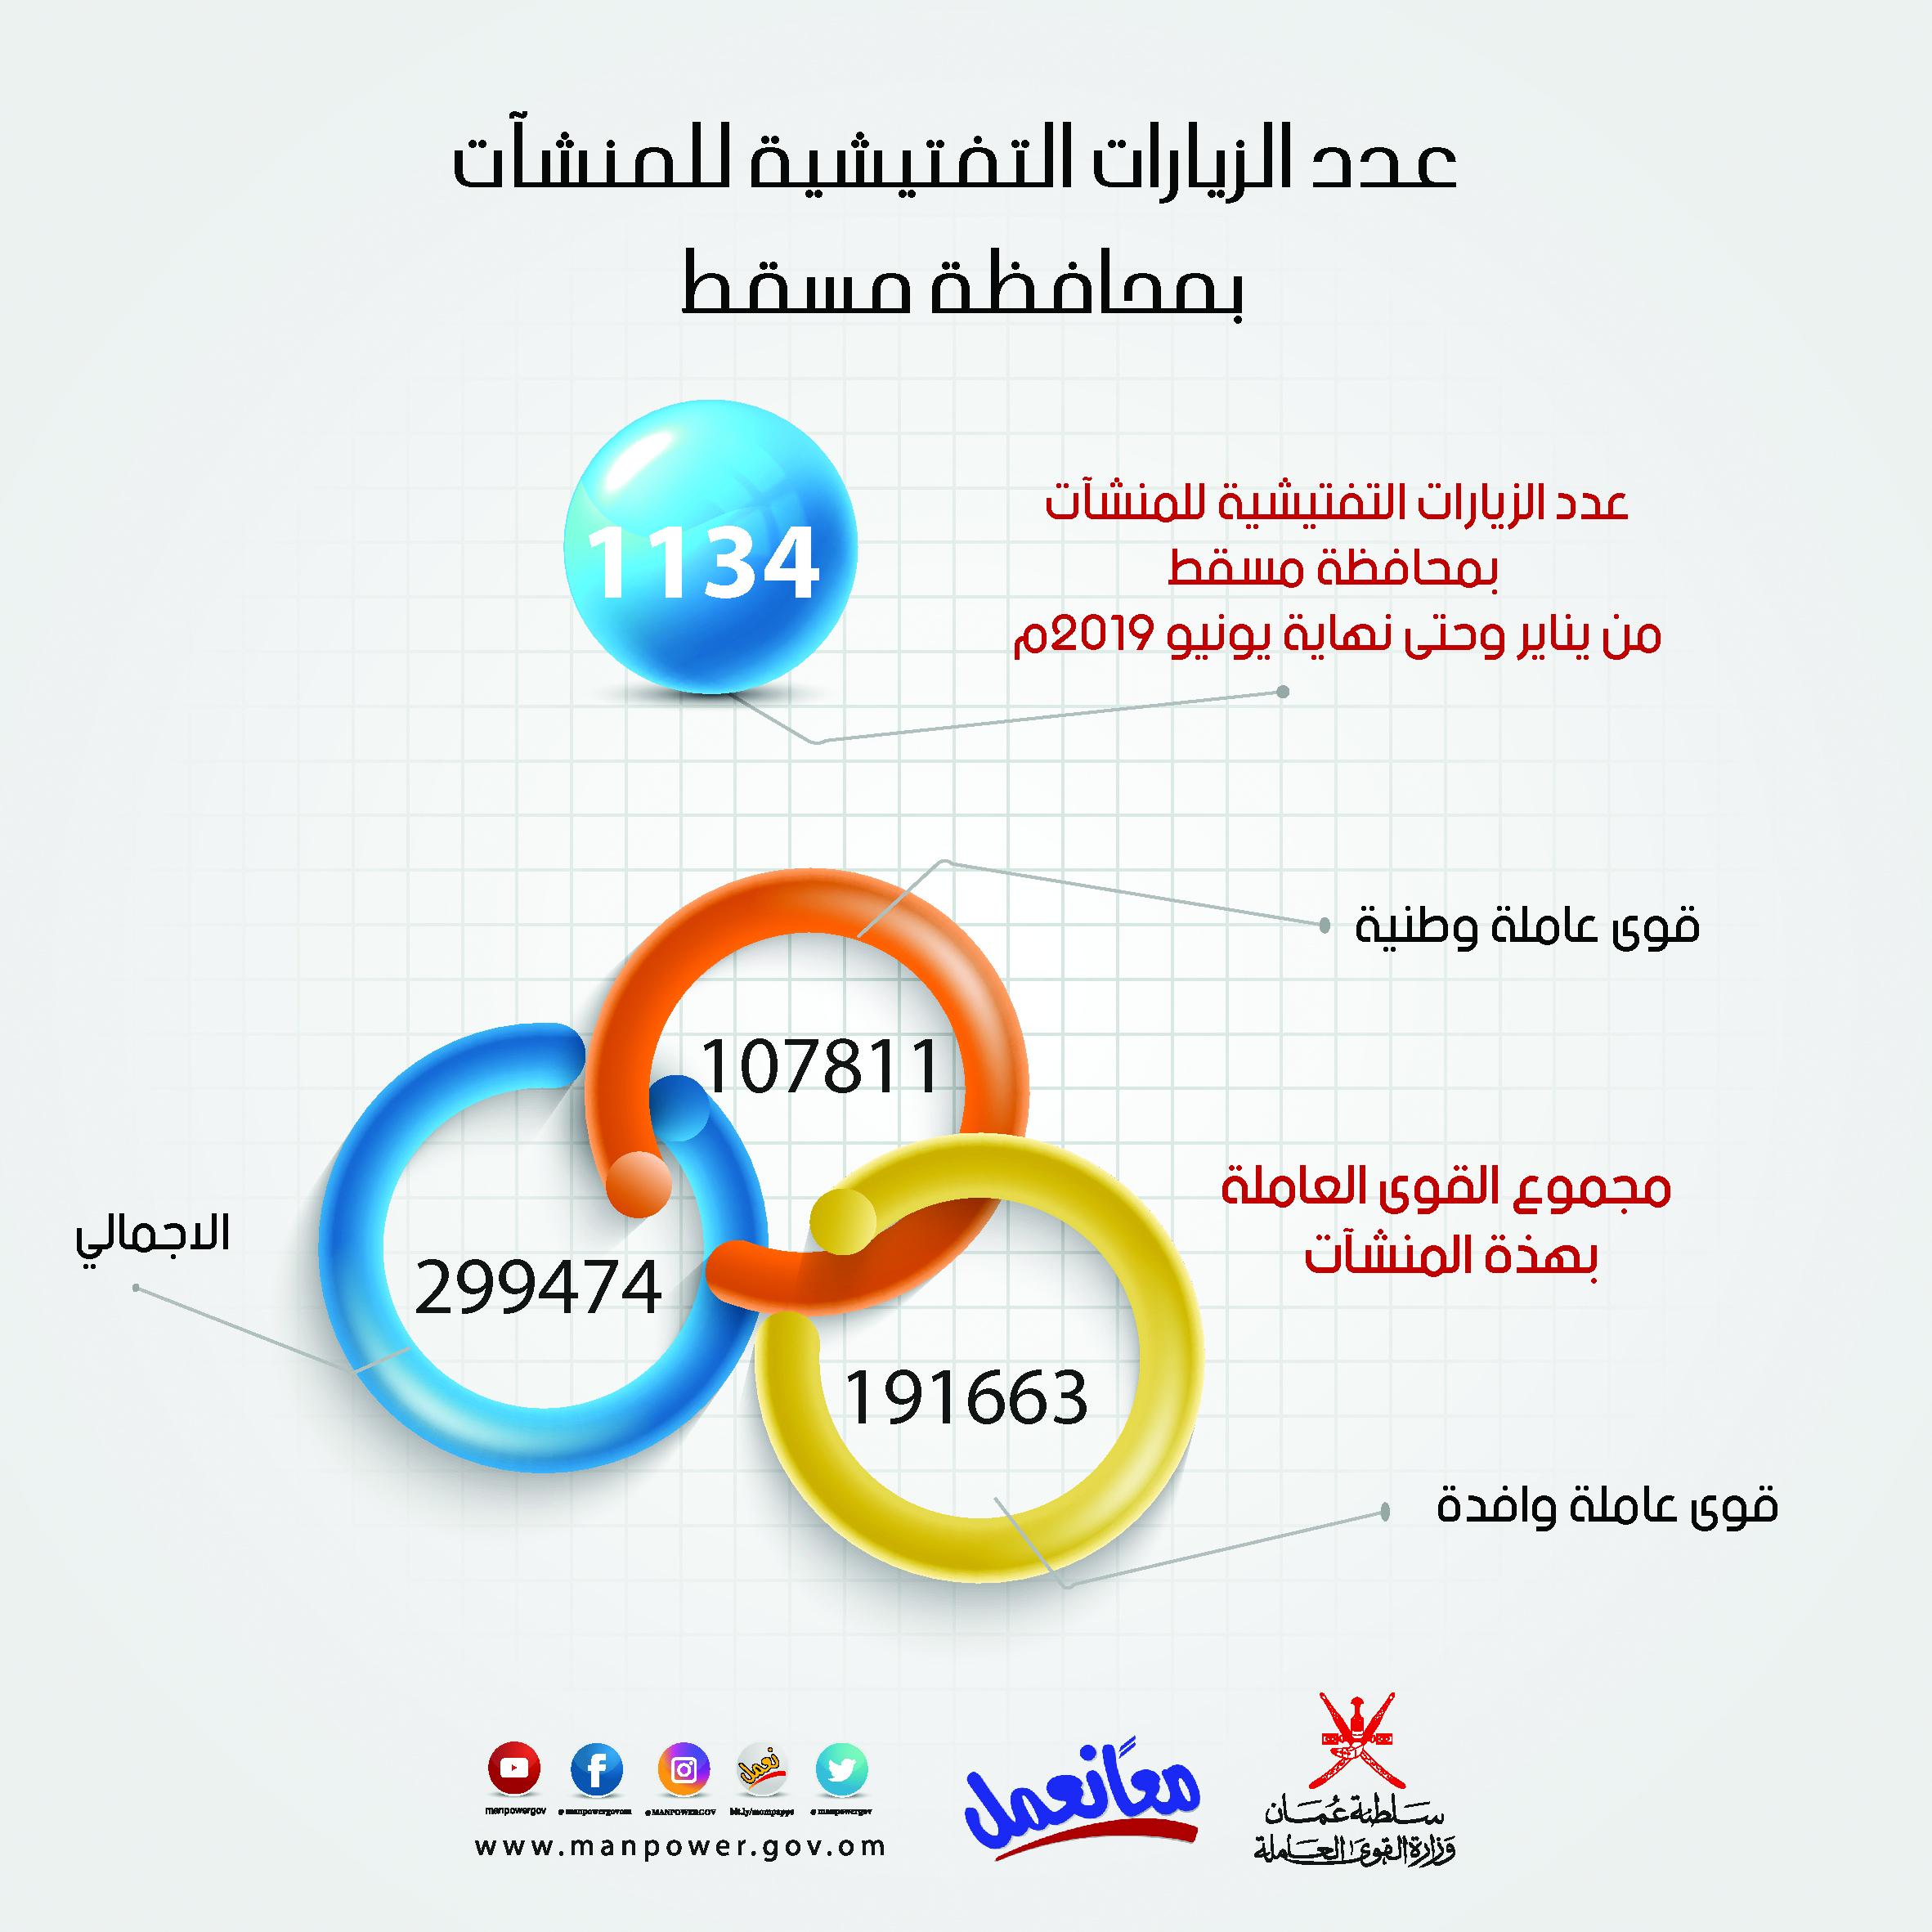 القوى العاملة: تسوية 6934 شكوى عمالية